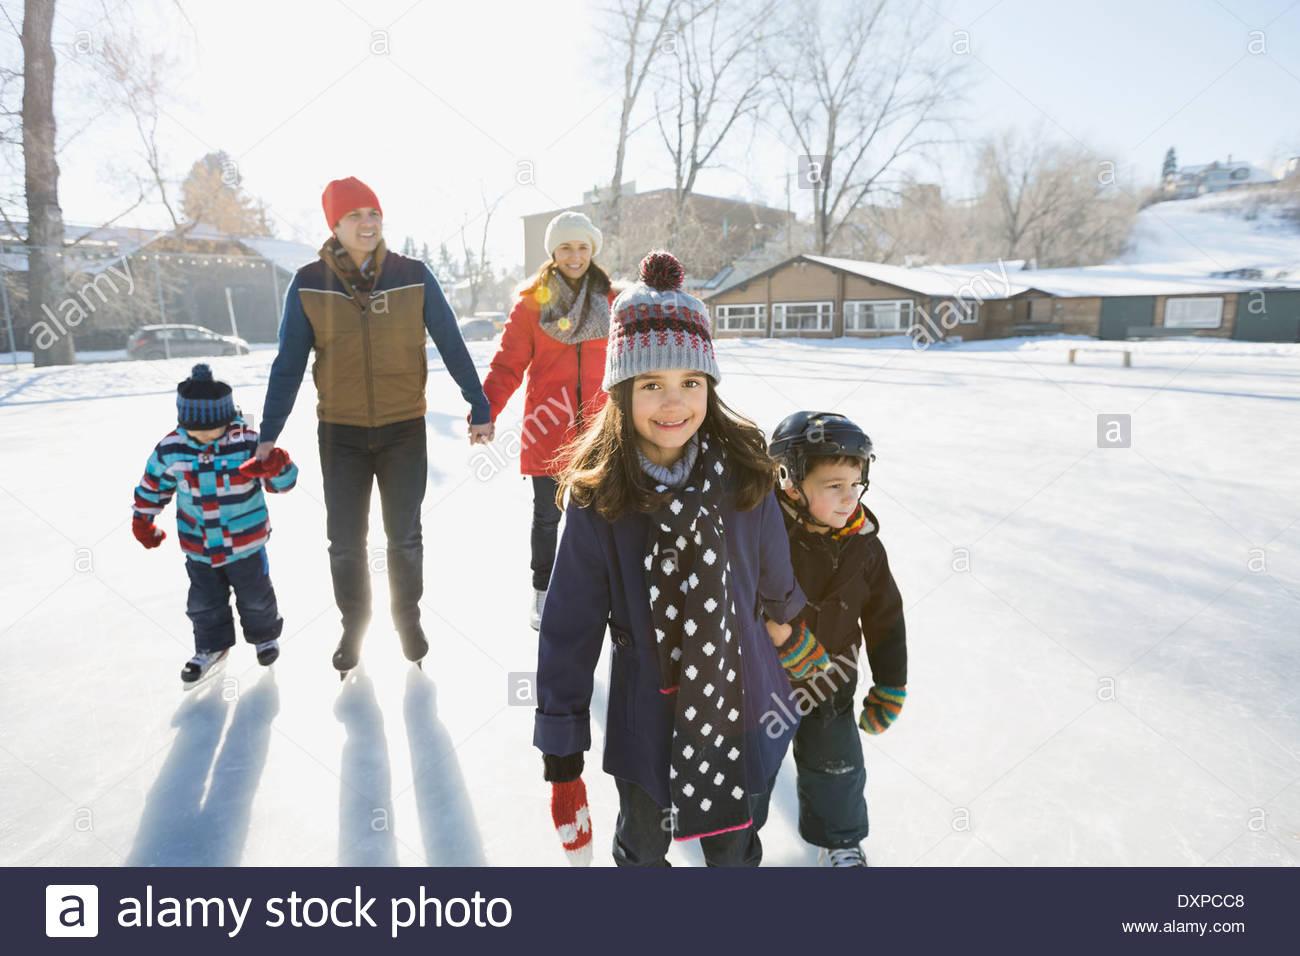 Familia patinaje sobre hielo al aire libre juntos Imagen De Stock